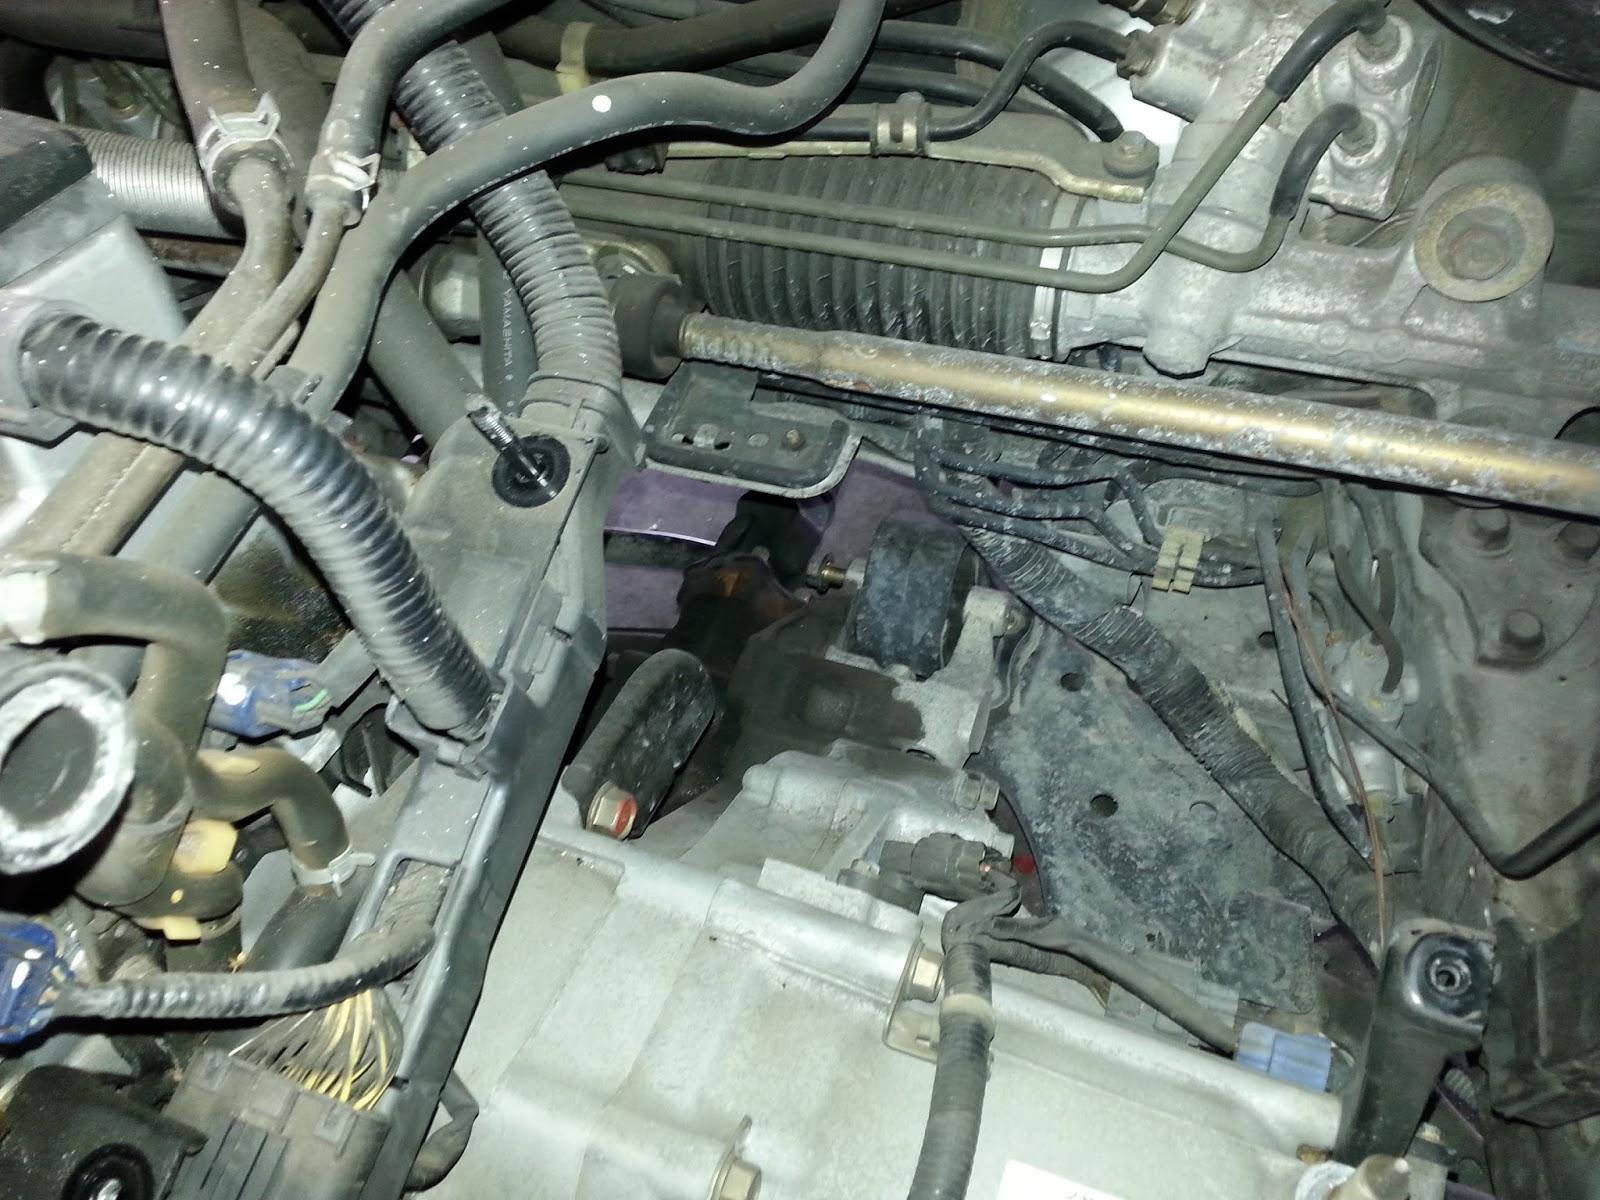 2000 honda crv manual transmission